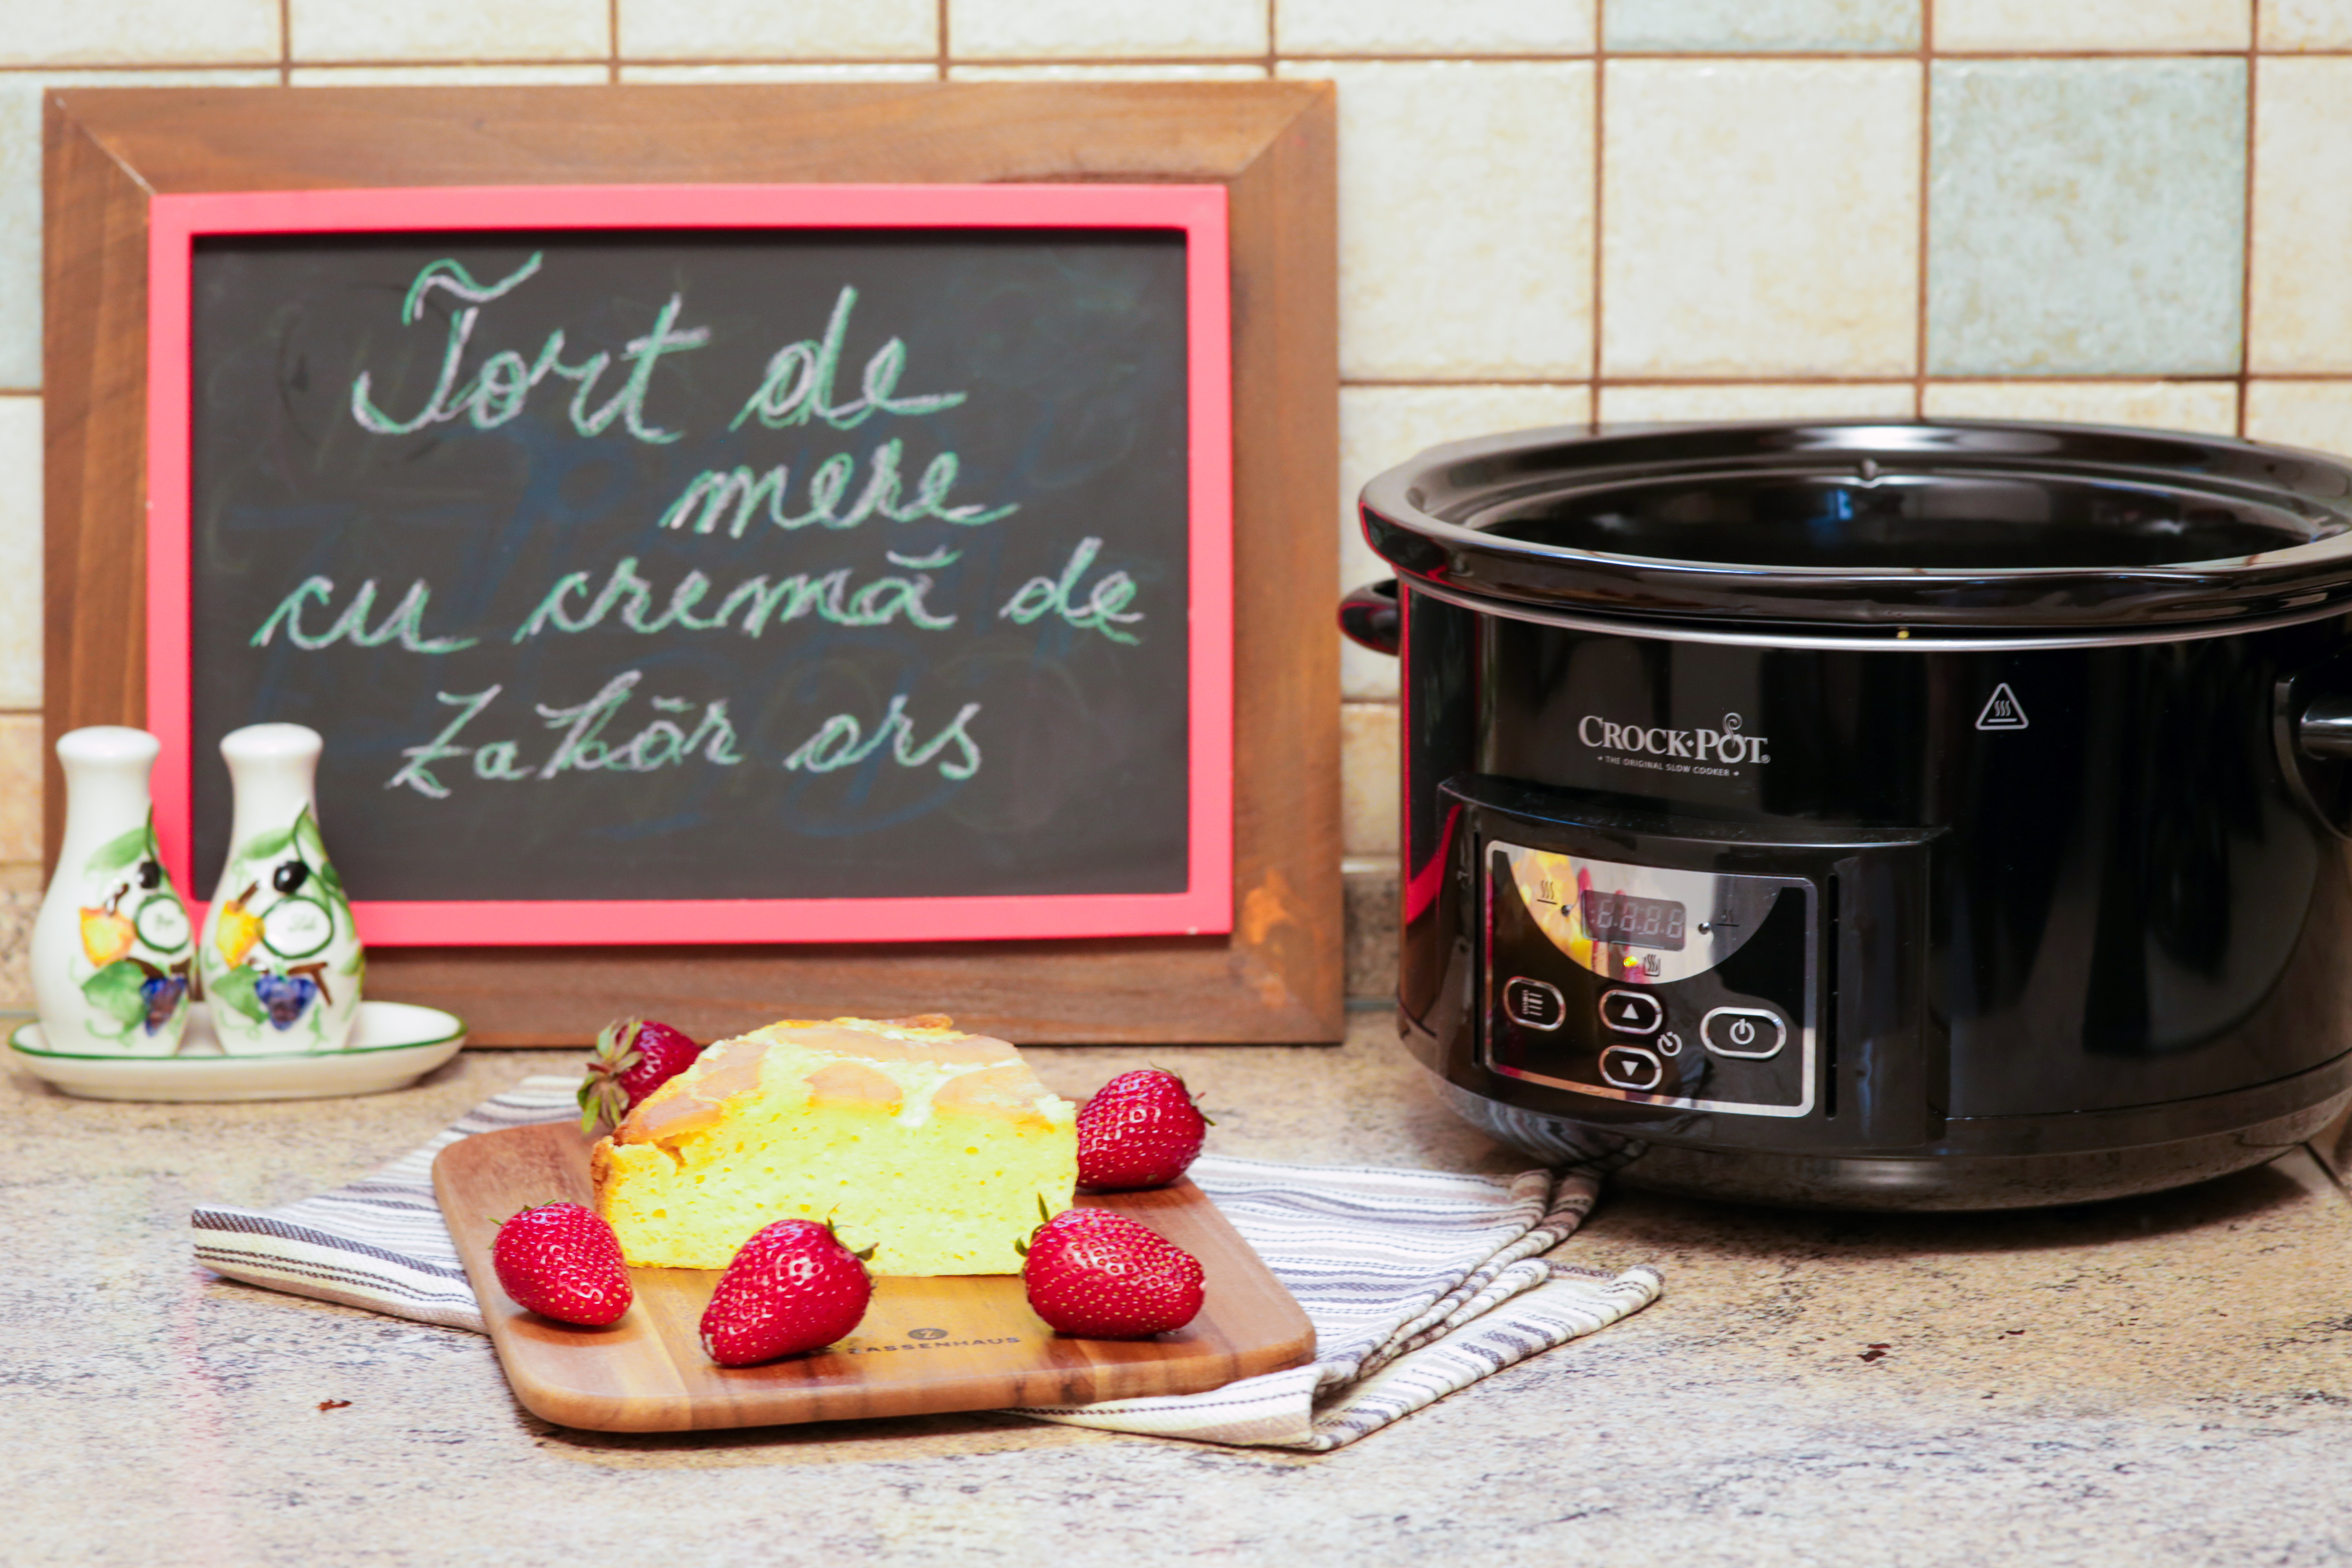 Cel mai sănătos și mai rapid dulce: tort de mere cu cremă de zahăr ars. Fără pericol de îngrășare :)